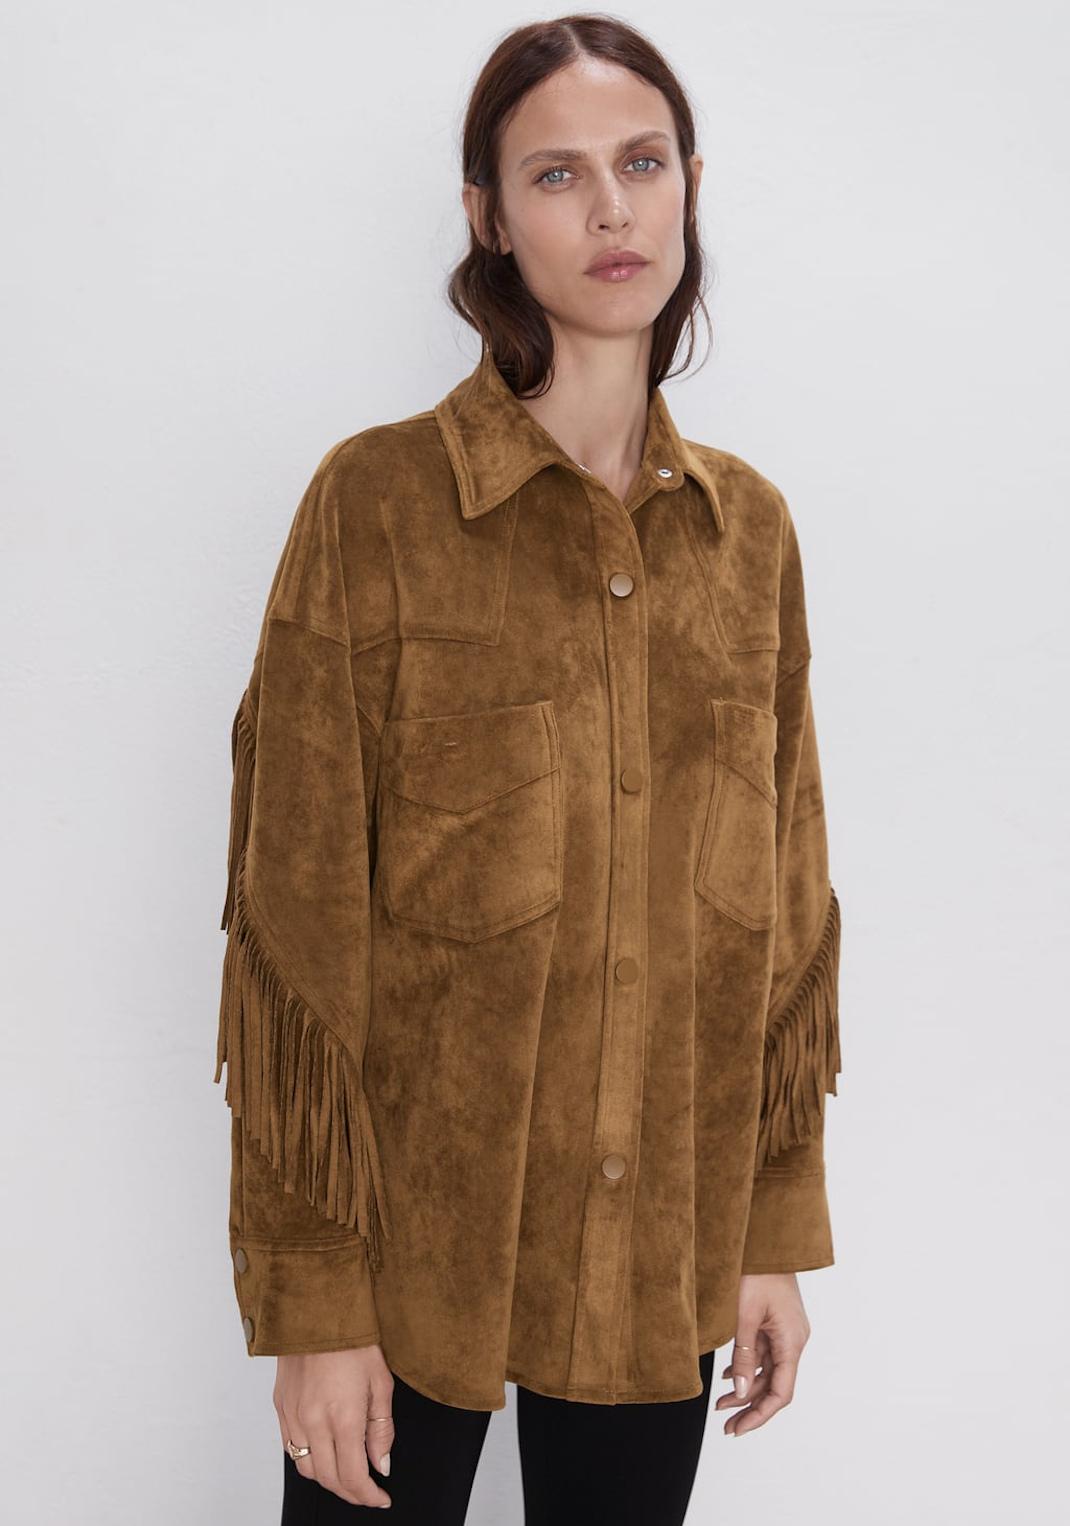 γυναίκα φορά πανωφόρι με κρόσσια Zara